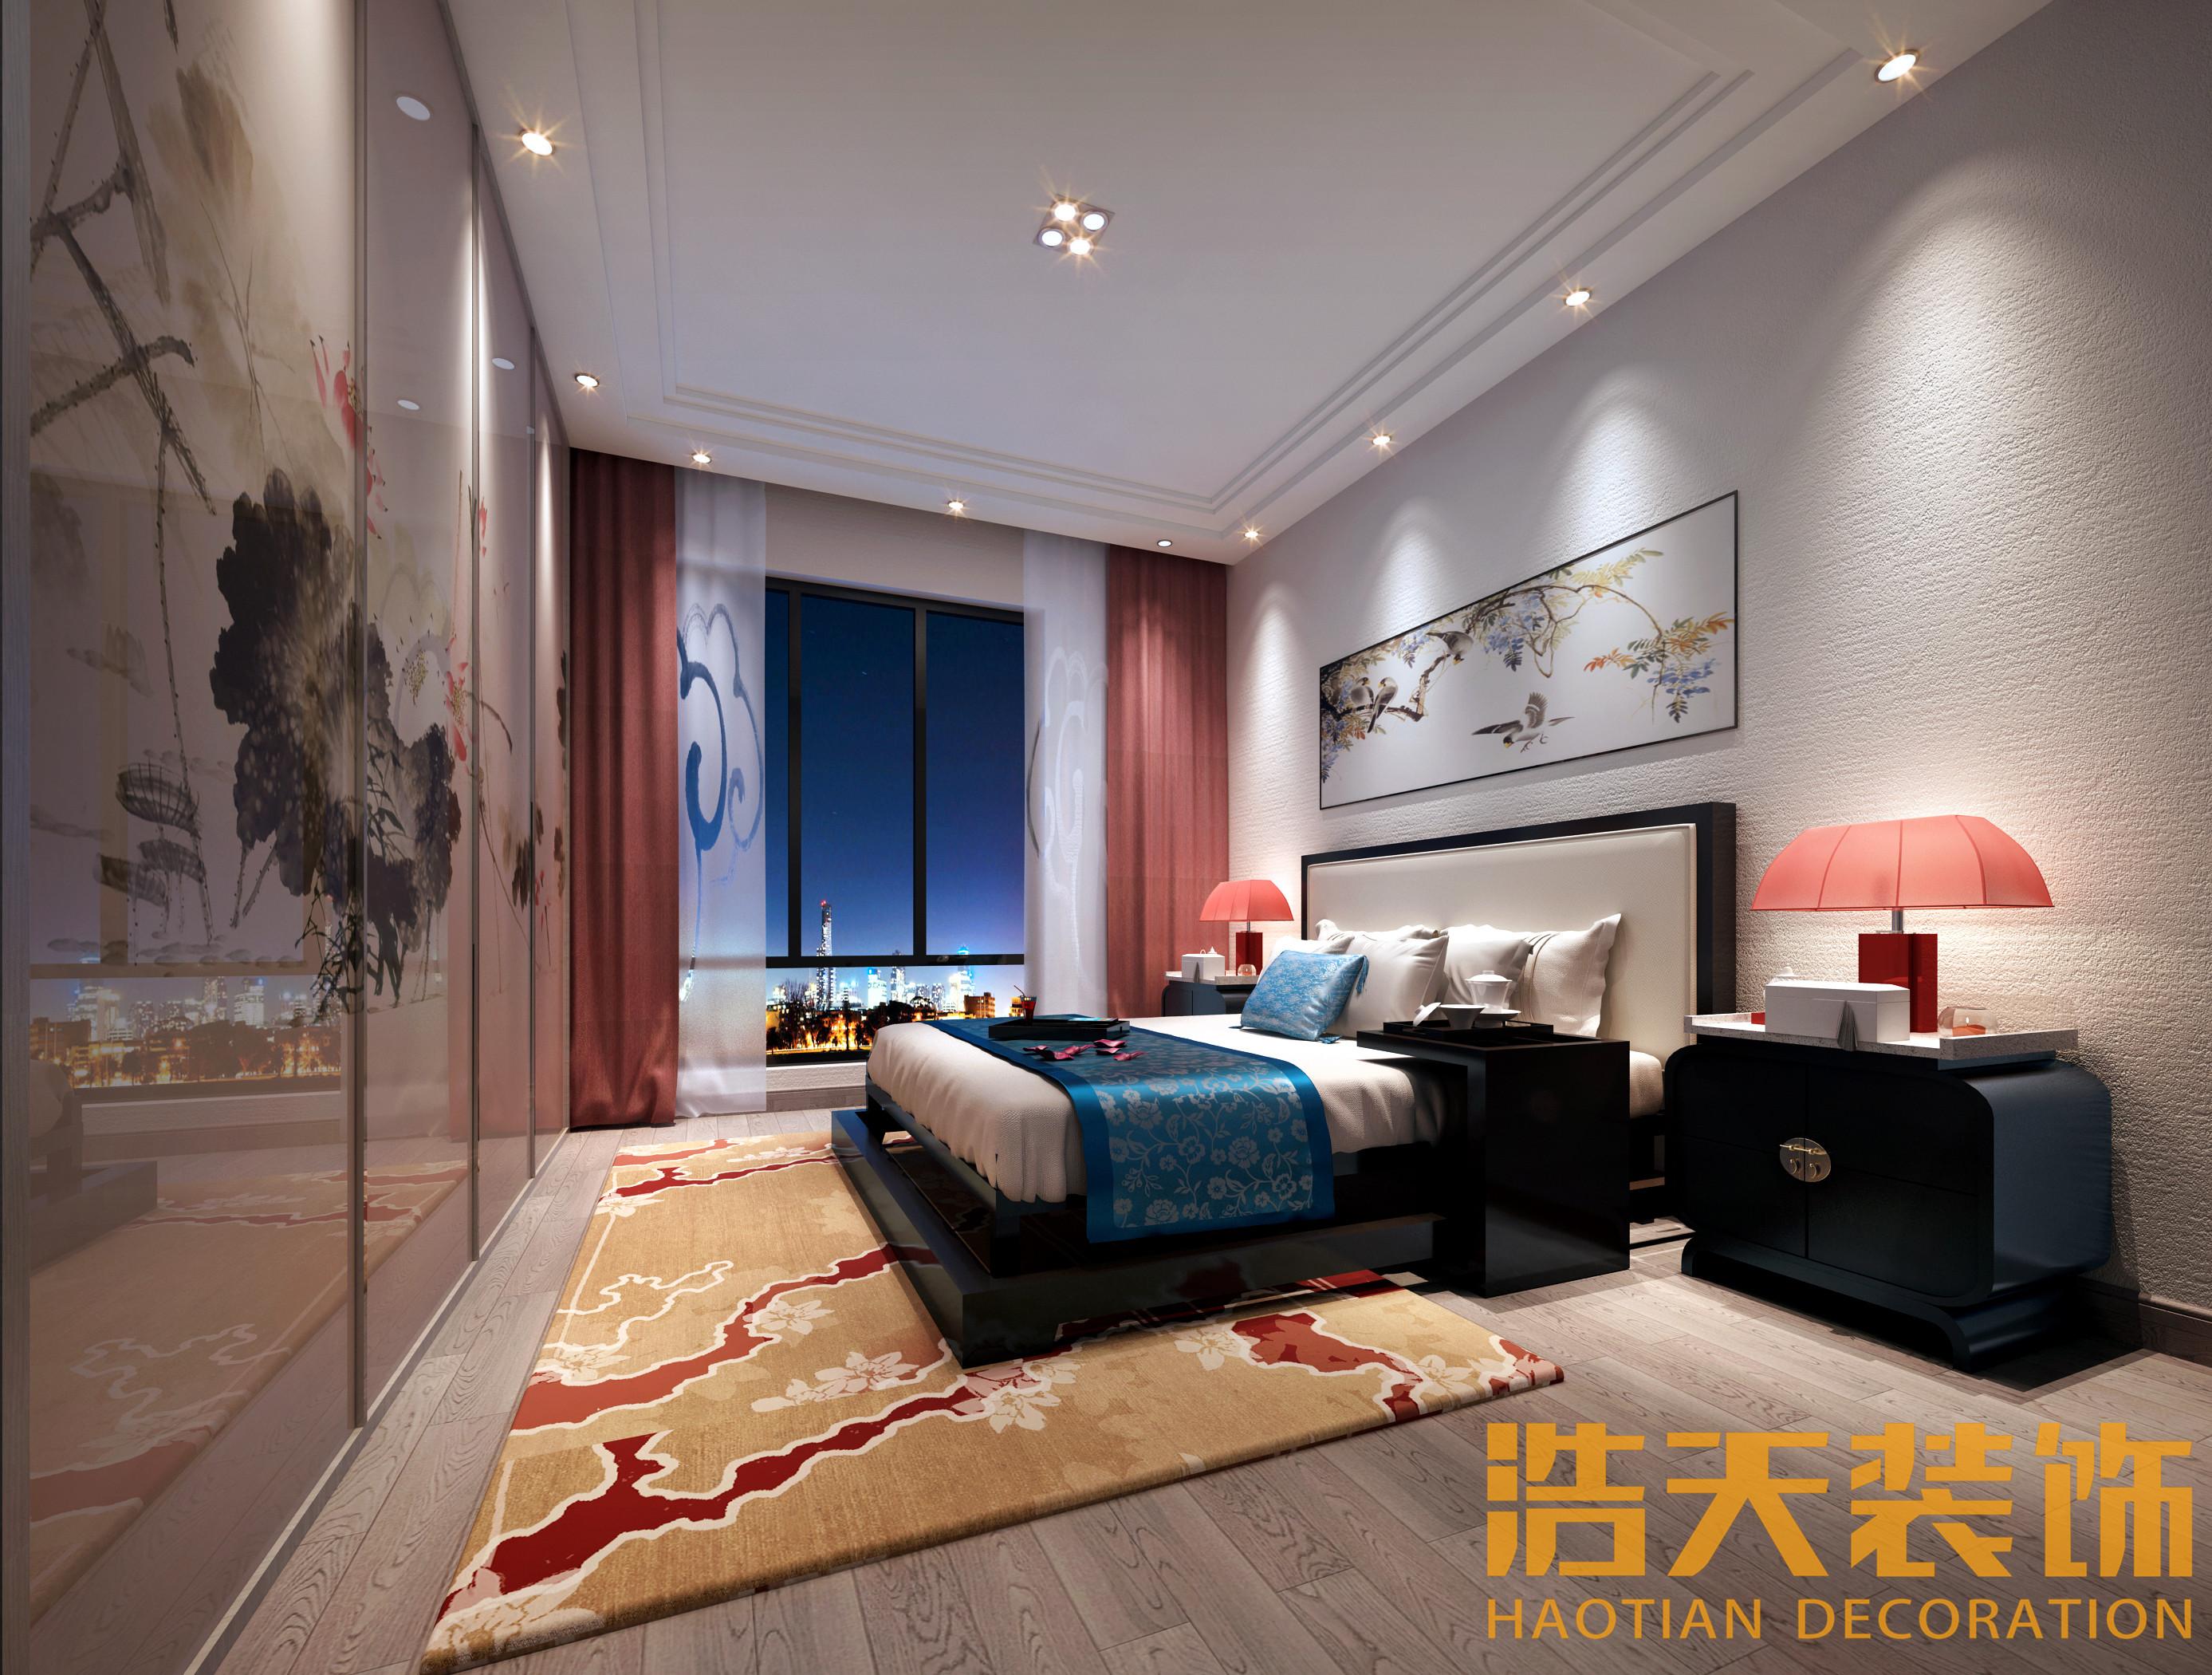 卧室图片来自用户pxkpuewdyb在默认专辑的分享